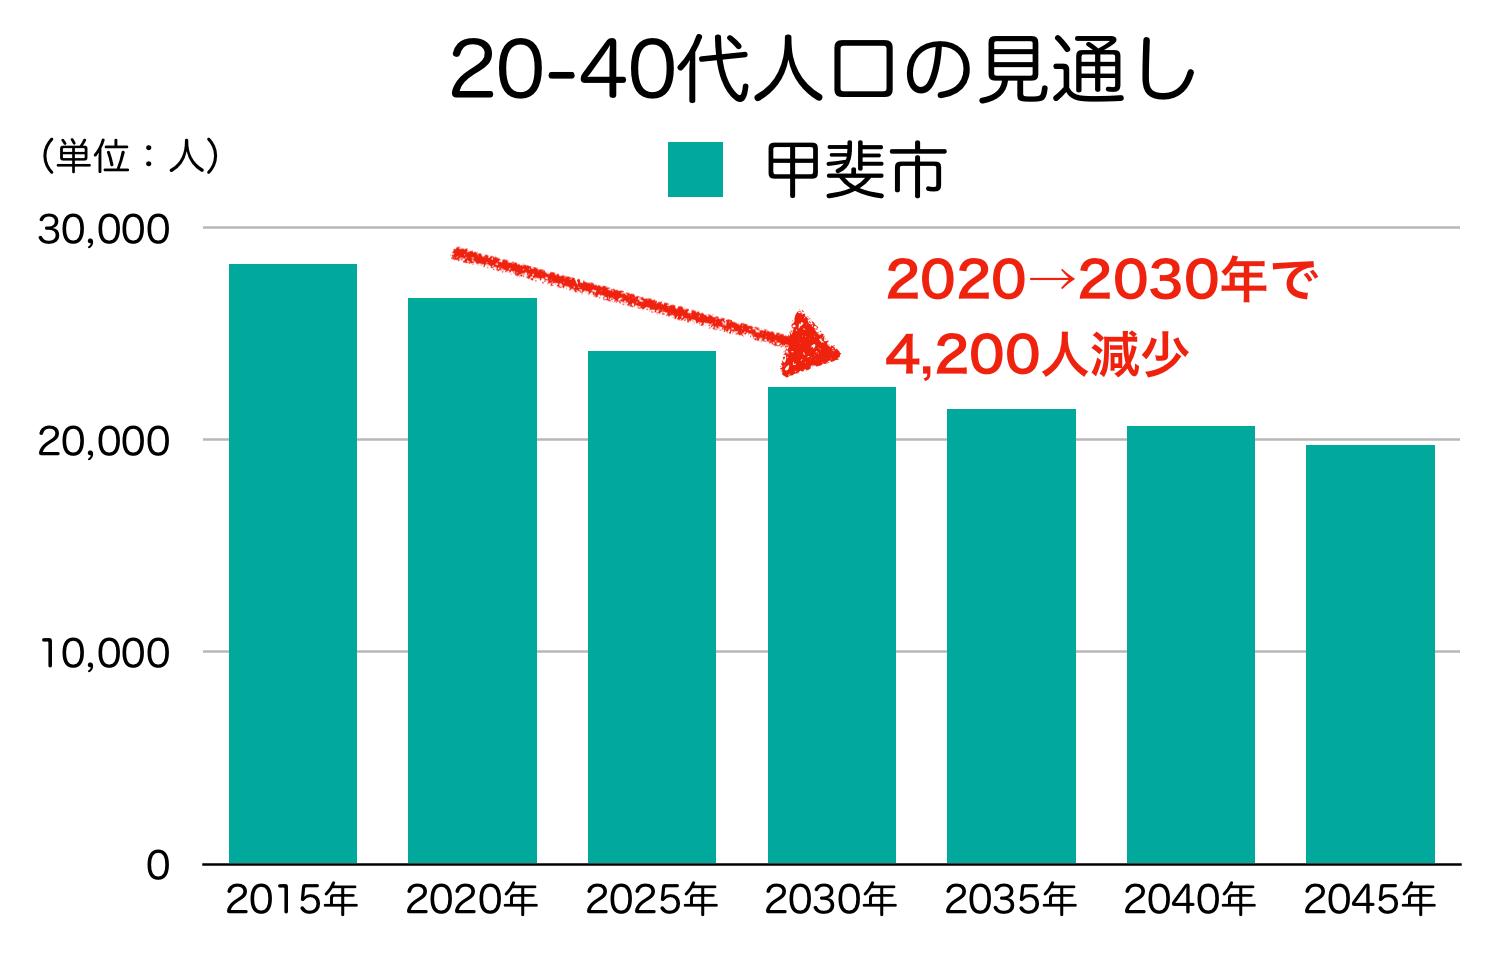 甲斐市の20〜40代人口の予測